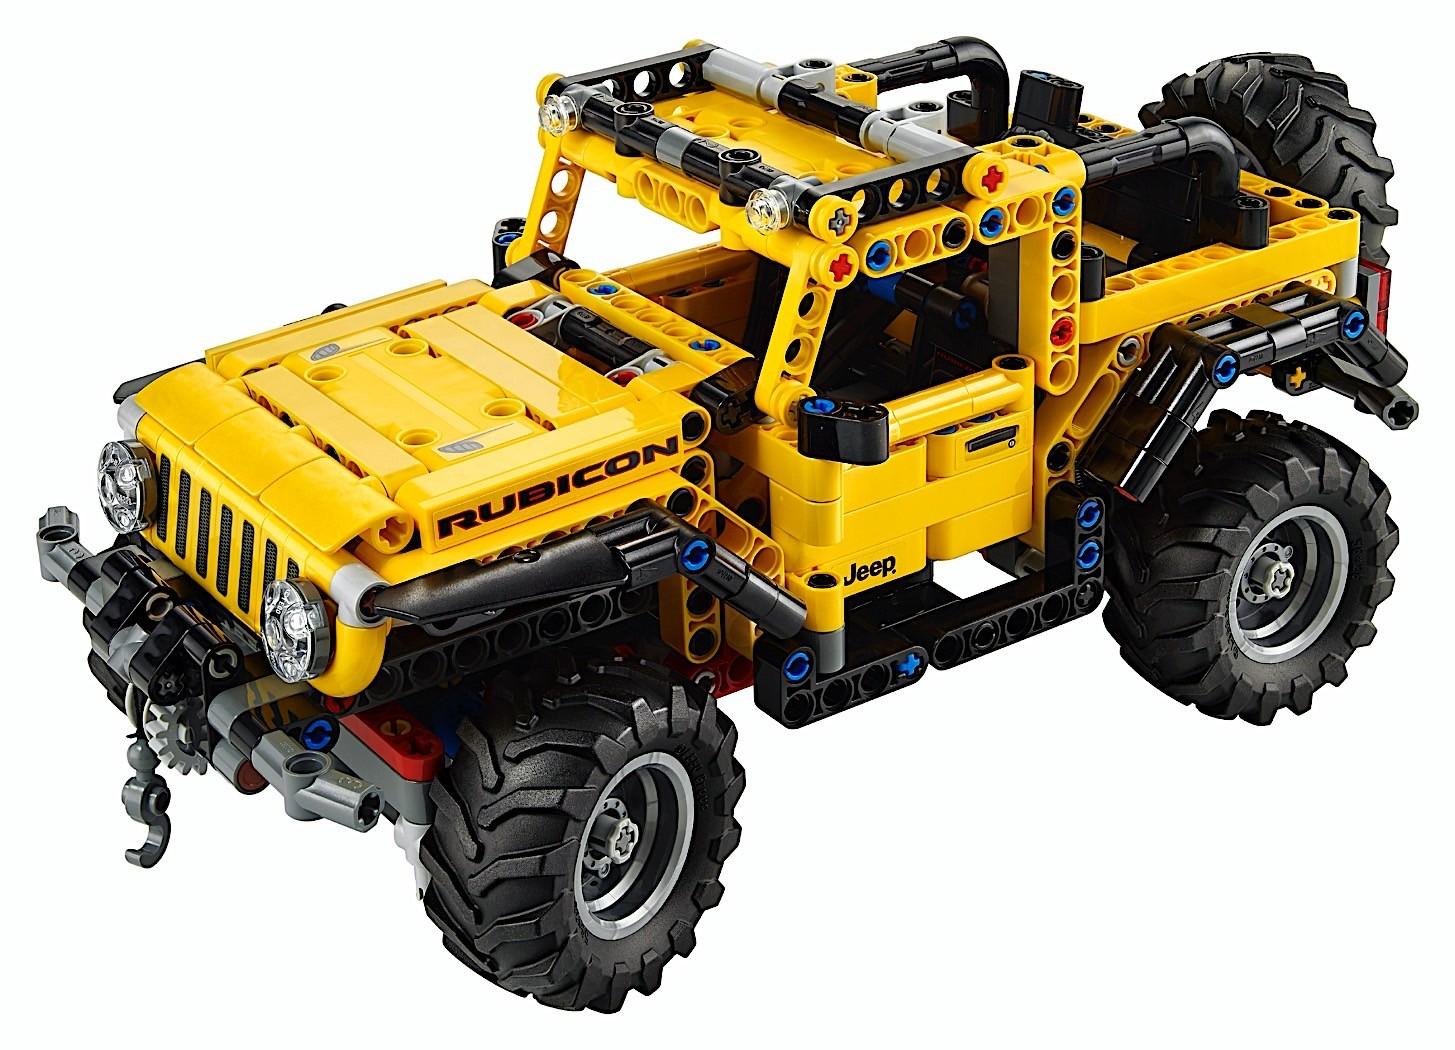 Lego-Technic-Jeep-Wrangler-Rubicon-6